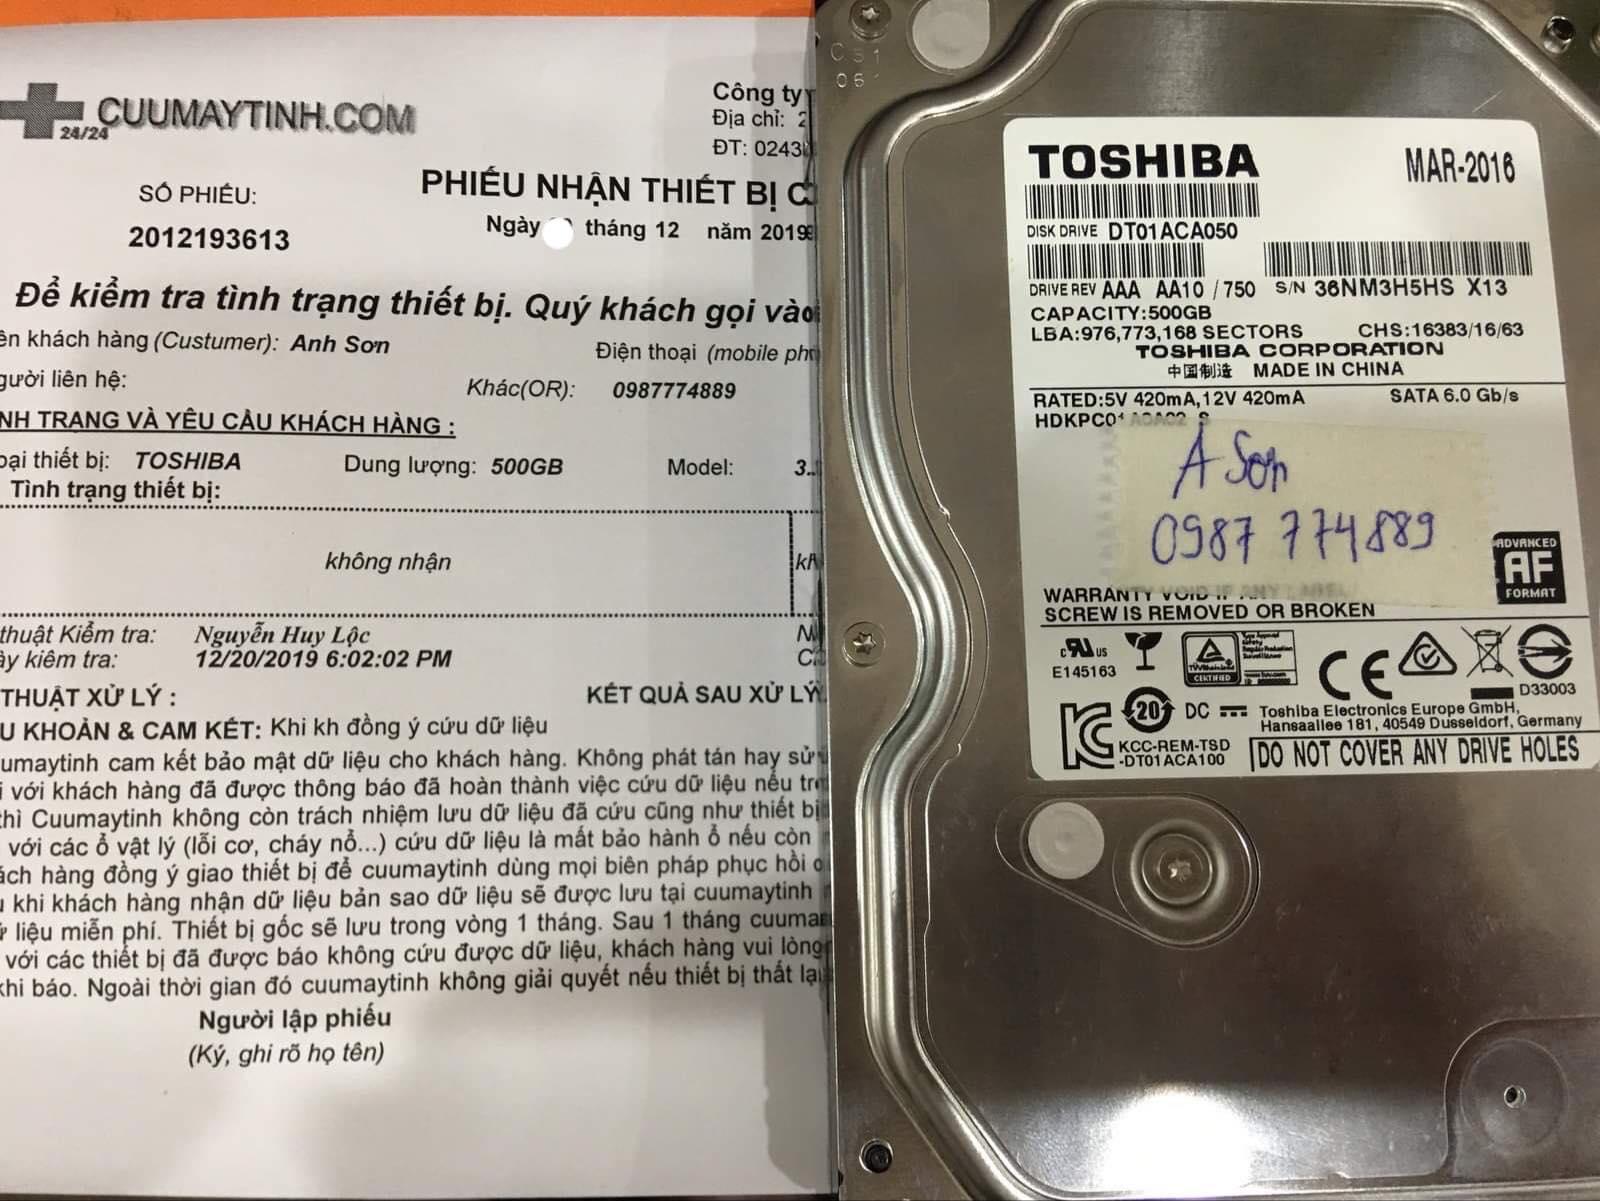 Cứu dữ liệu ổ cứng Toshiba 500GB không nhận 27/12/2019 - cuumaytinh